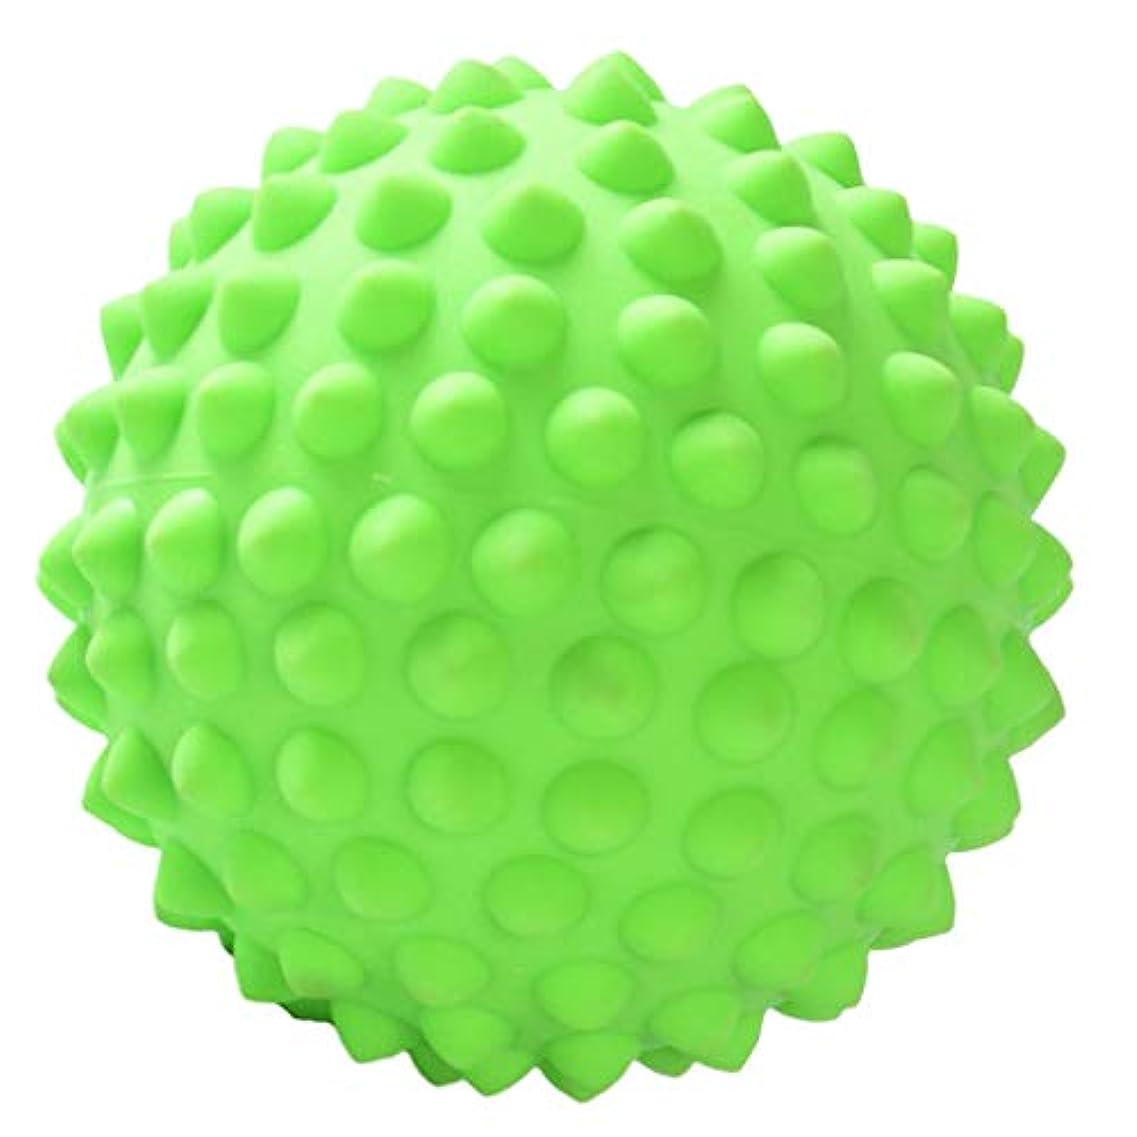 やさしいクルー楽しむBaoblaze マッサージボール 約9 cm ツボ押し ジム オフィス 自宅用 3色選べ - 緑, 説明のとおり